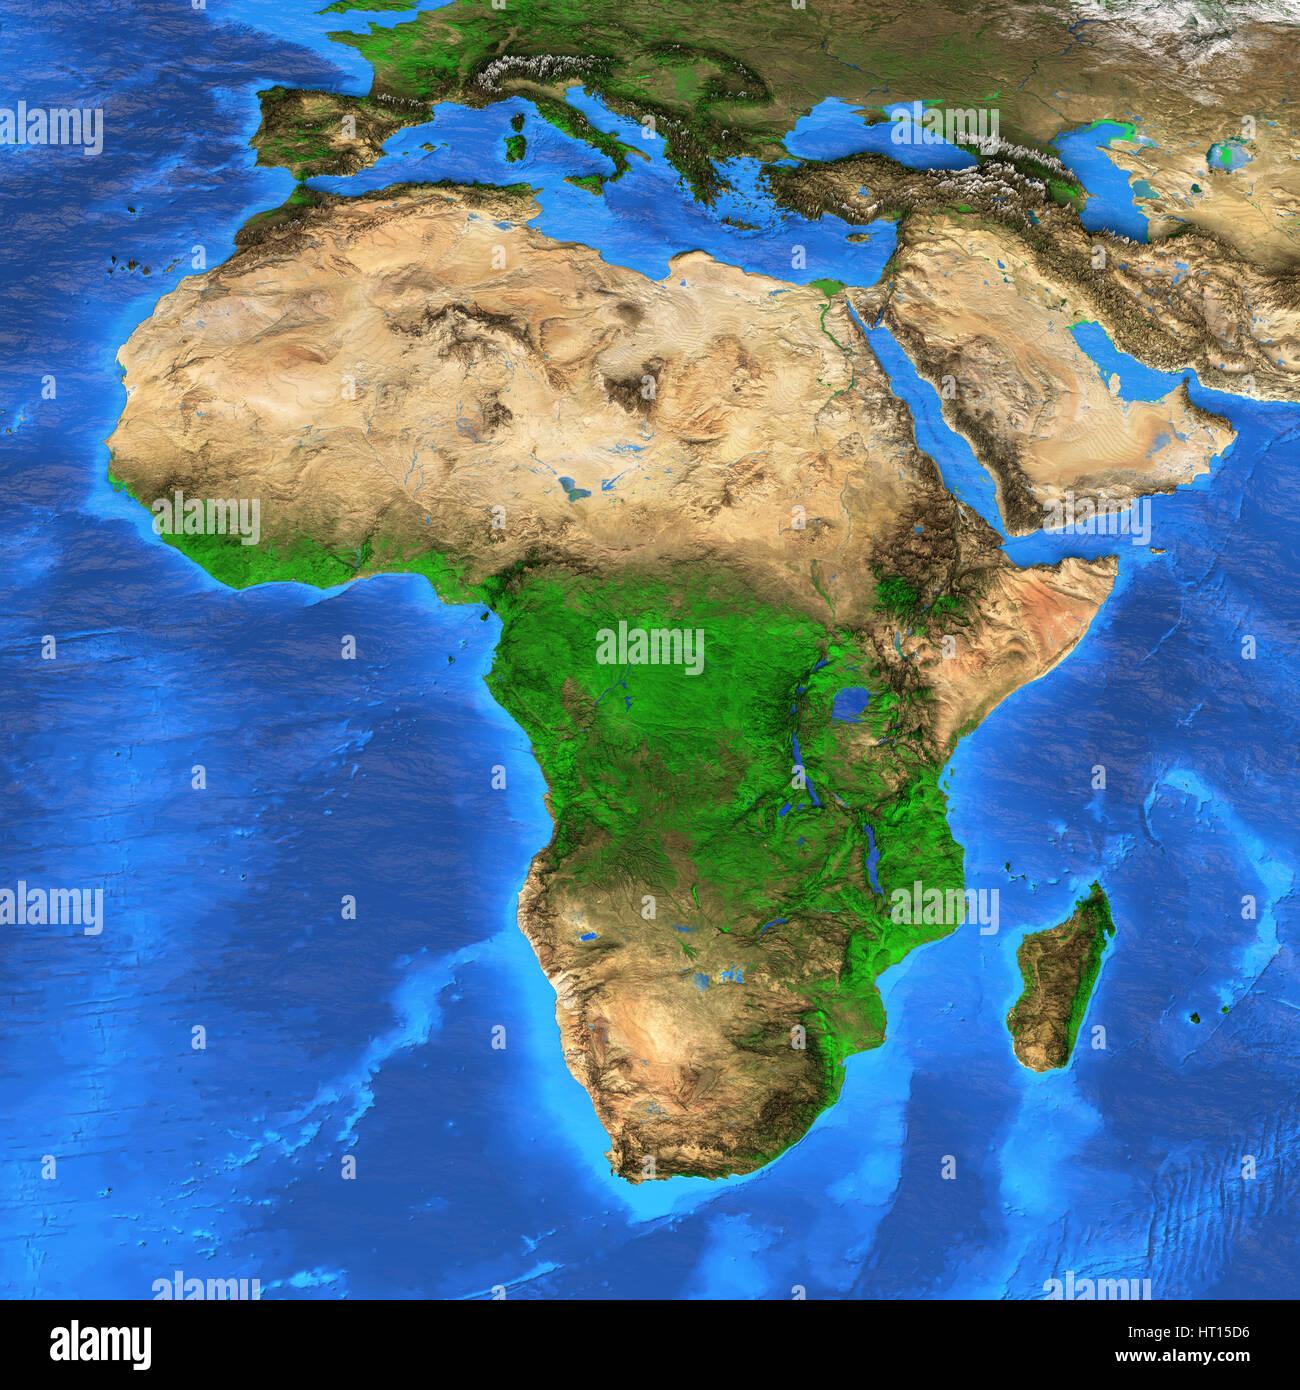 Cartina Sardegna Satellite.Credenza Revisione Miglio Nautico Mappa Sardegna Satellite Amazon Settimanaciclisticalombarda It